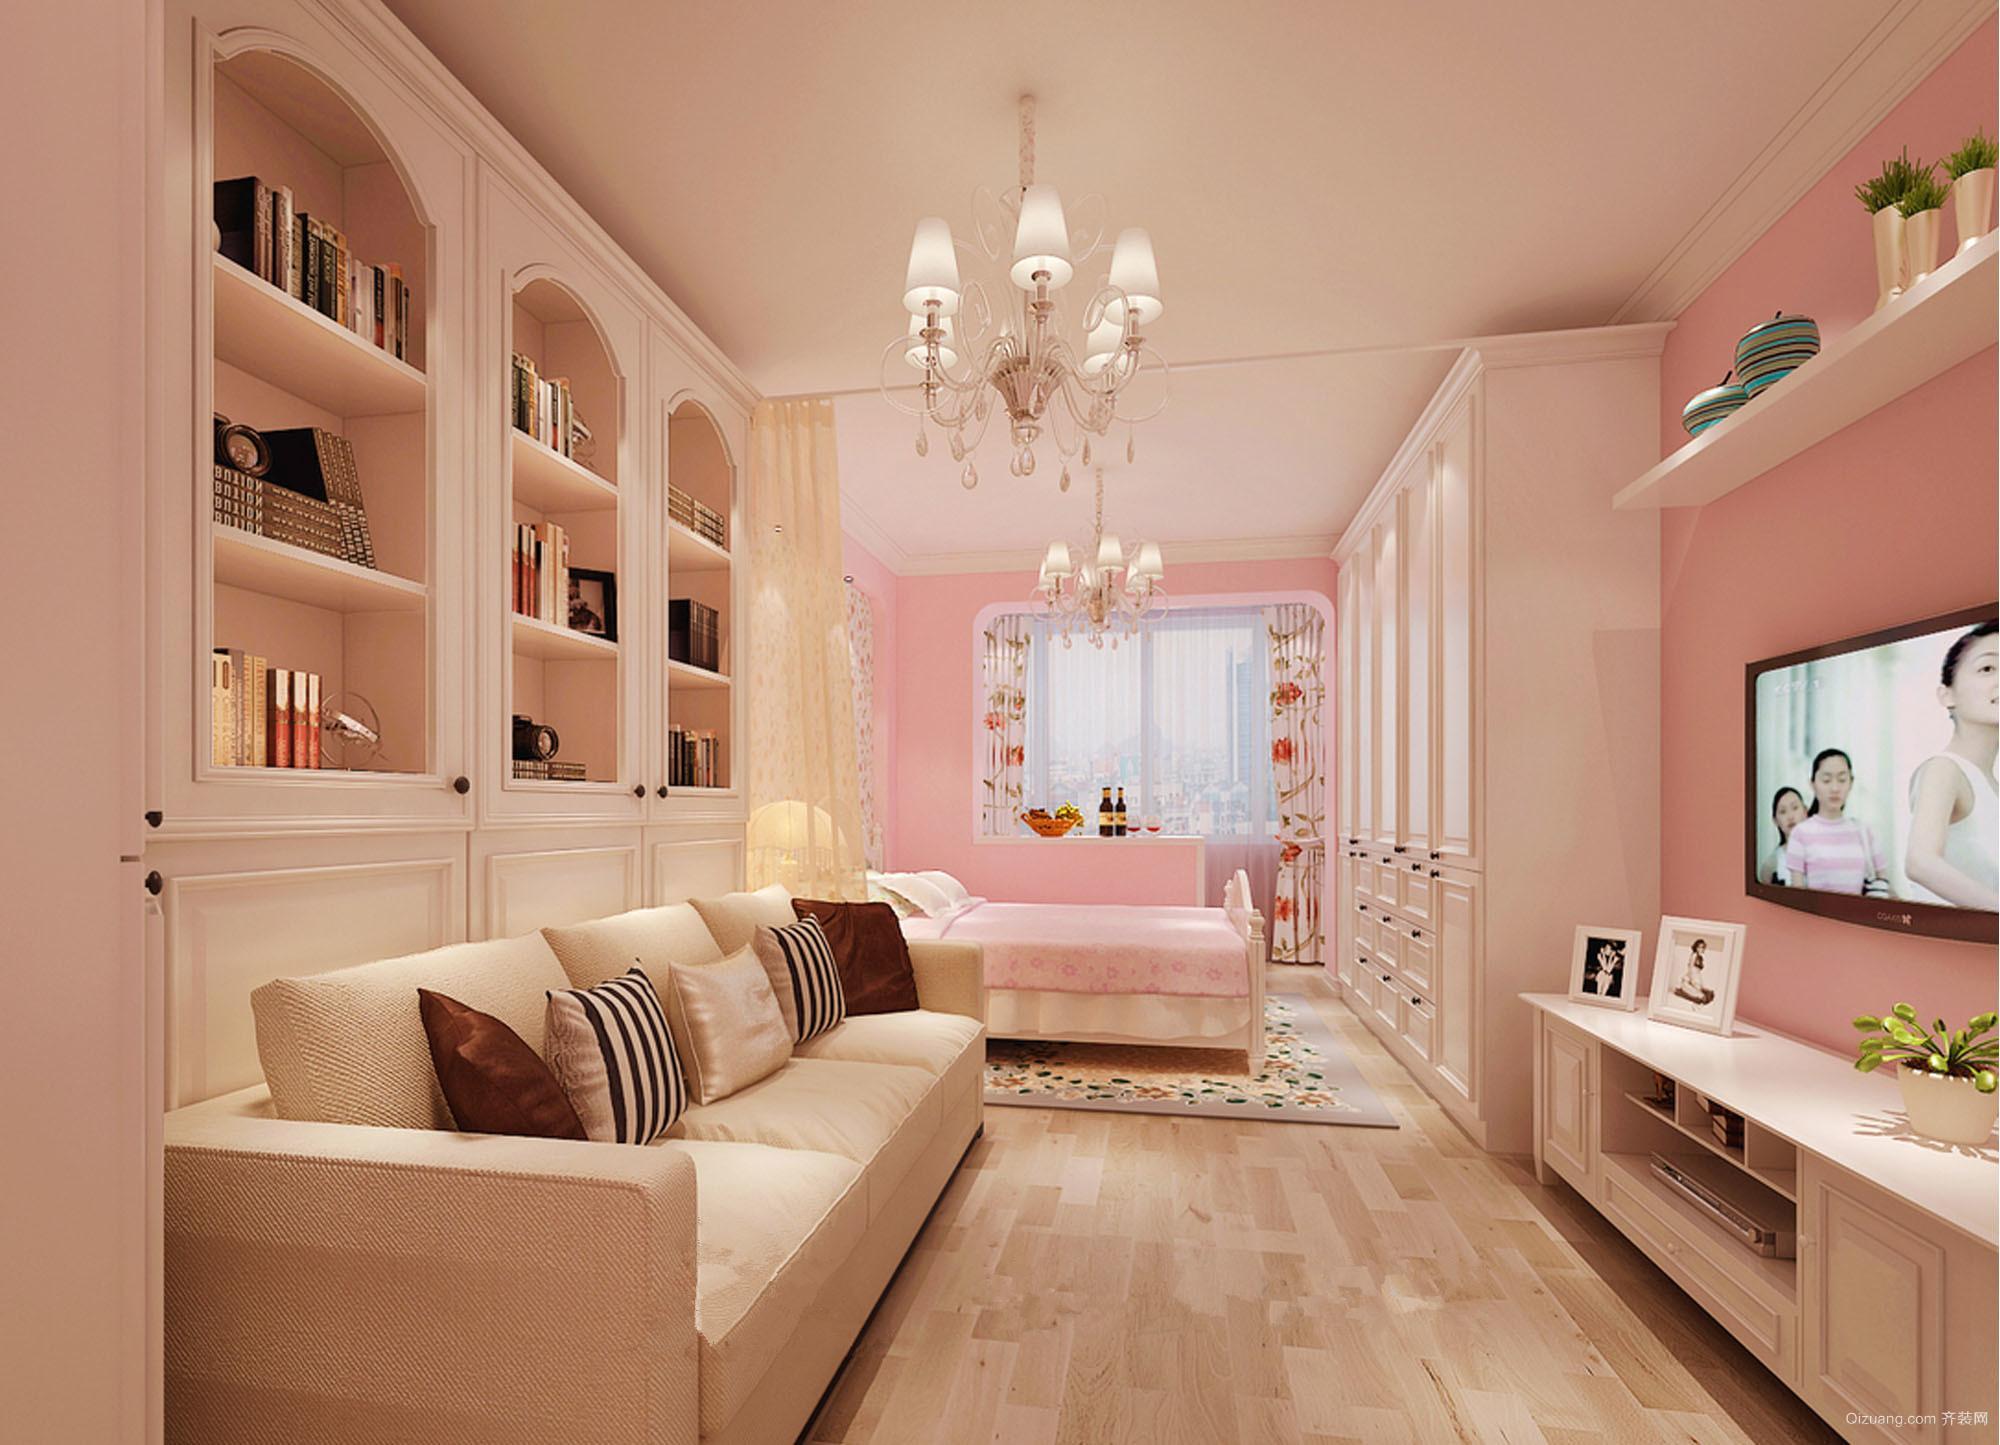 室内刷乳胶漆有毒_墙面刷乳胶漆,刷什么颜色好看? - 知乎